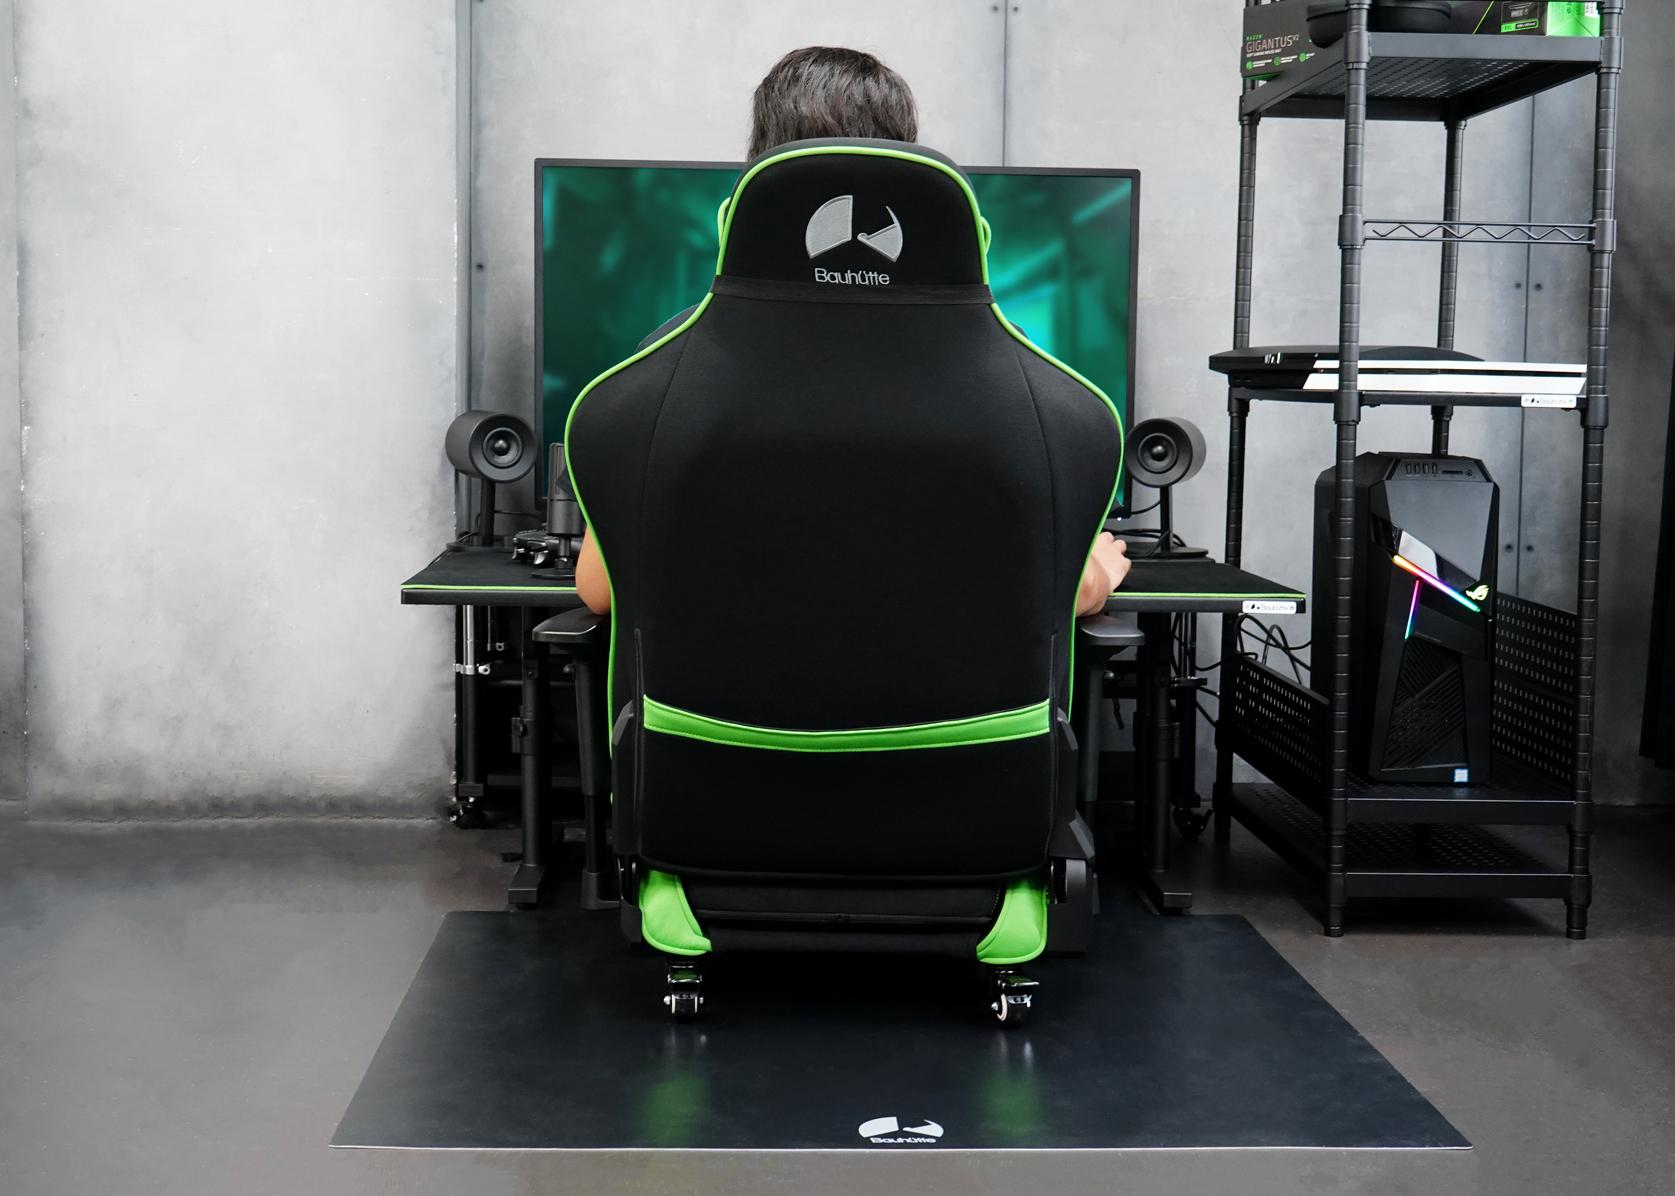 ゲーミング座椅子 GX-570 gallery